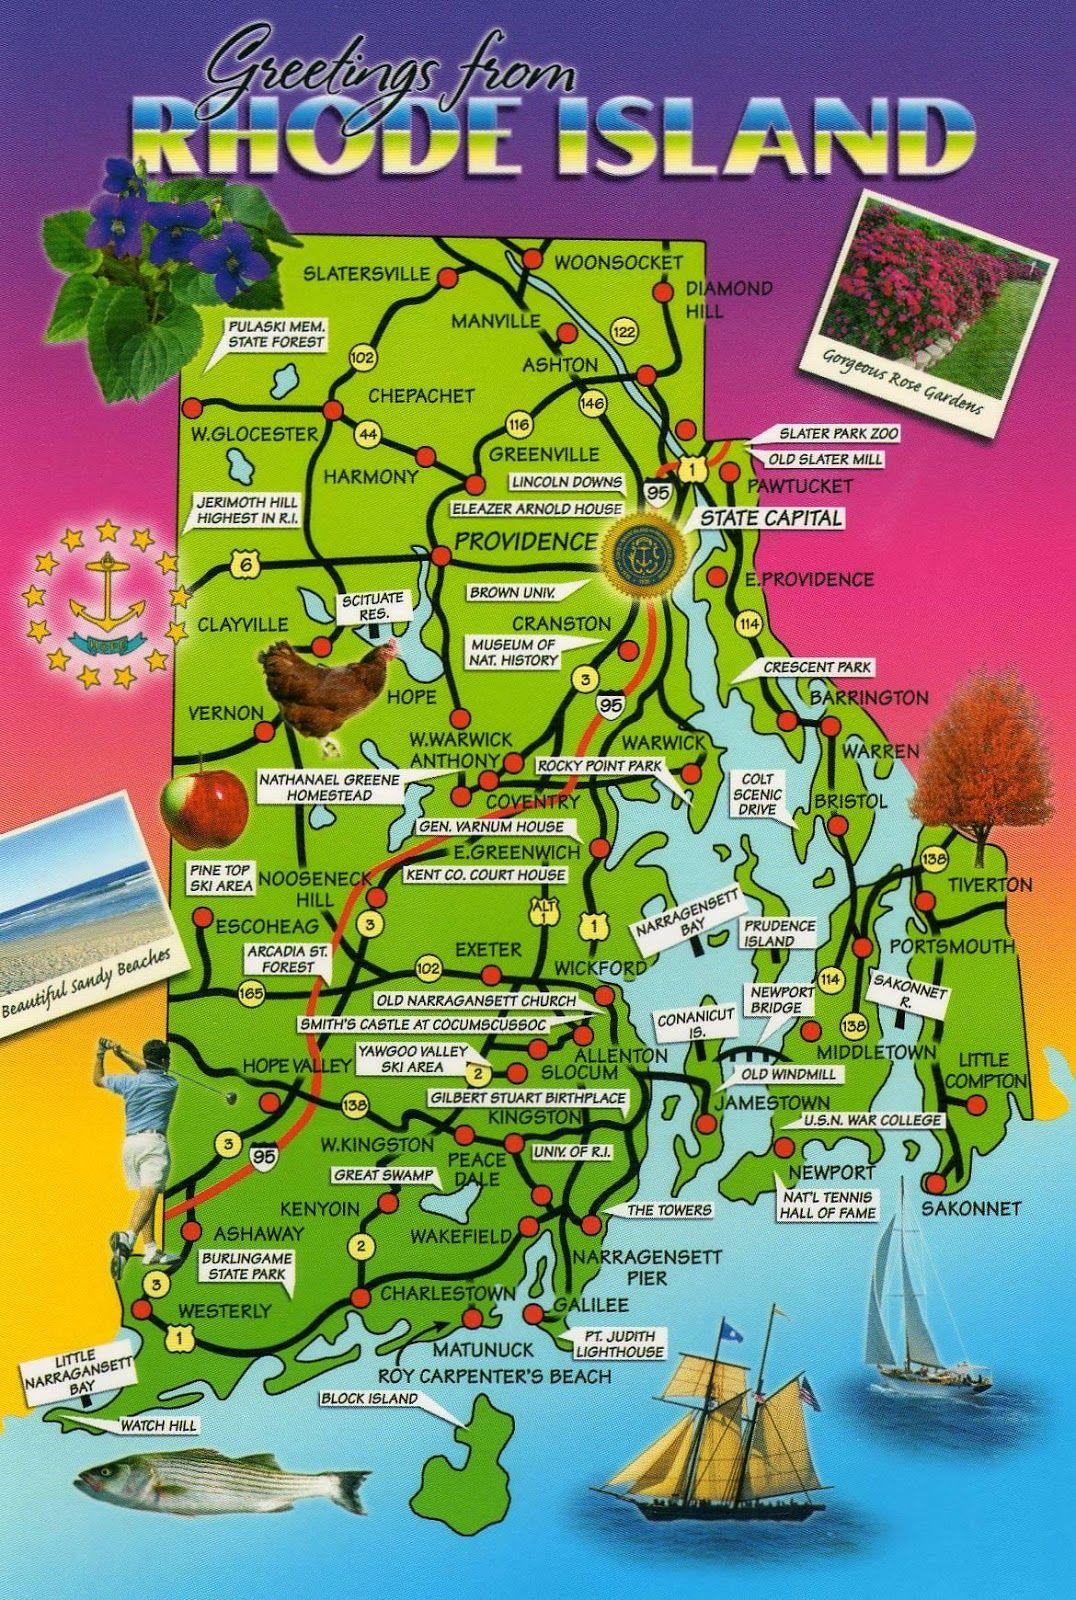 Rhode Island Postcard Maps Rhode ISLAND Pinterest Rhode - Map of rhode island